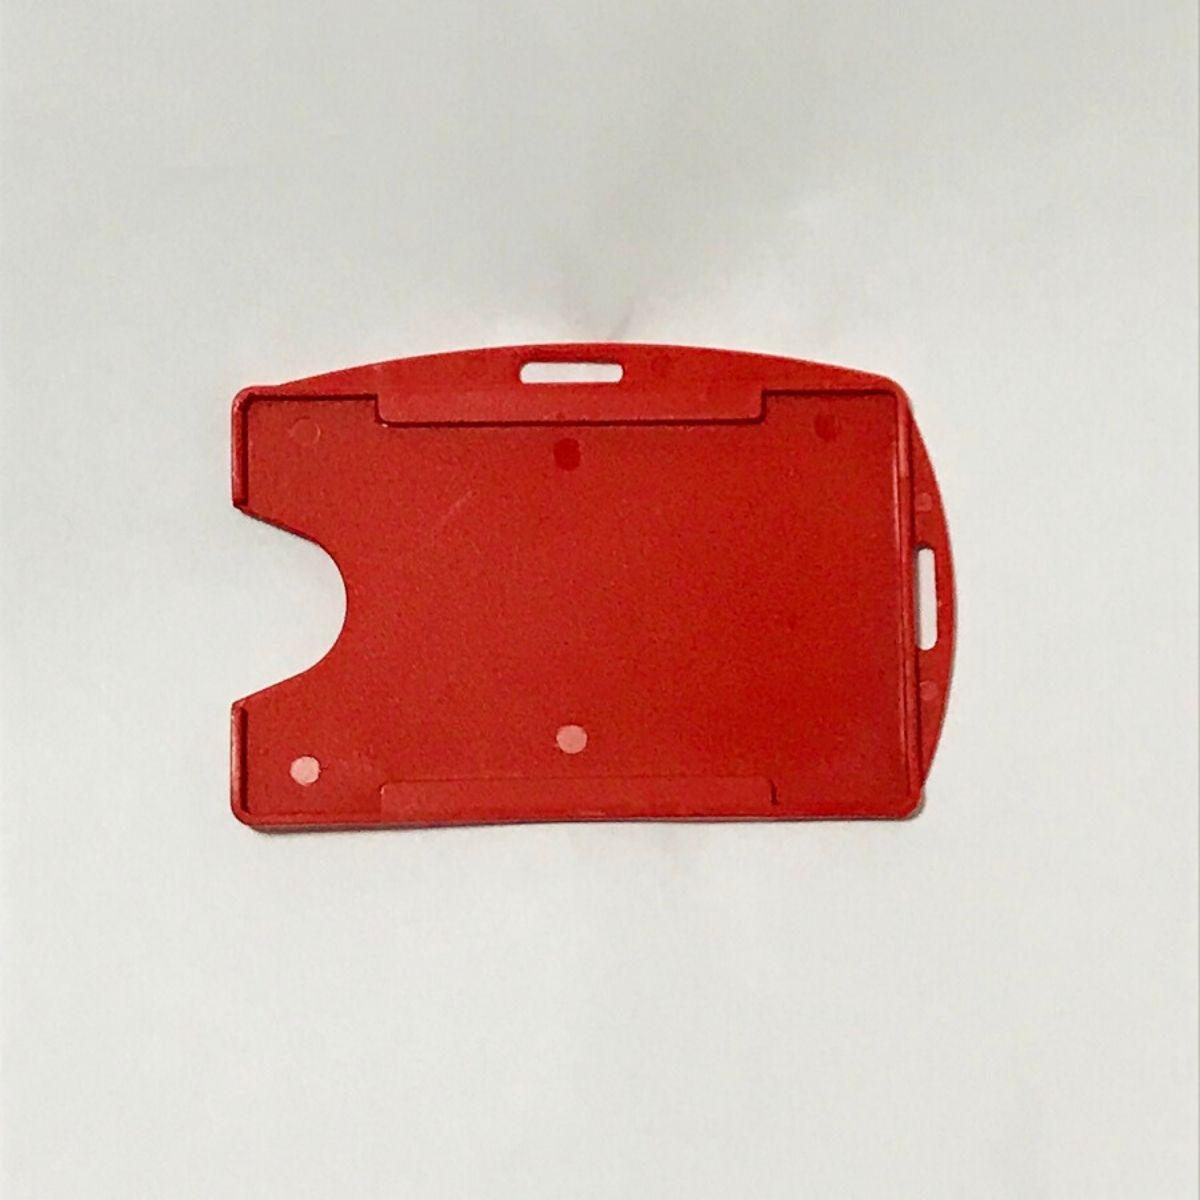 Porta Crachá Rígido M3 Conjugado Vermelho - Caixa com 100 unidades  - Click Suprimentos